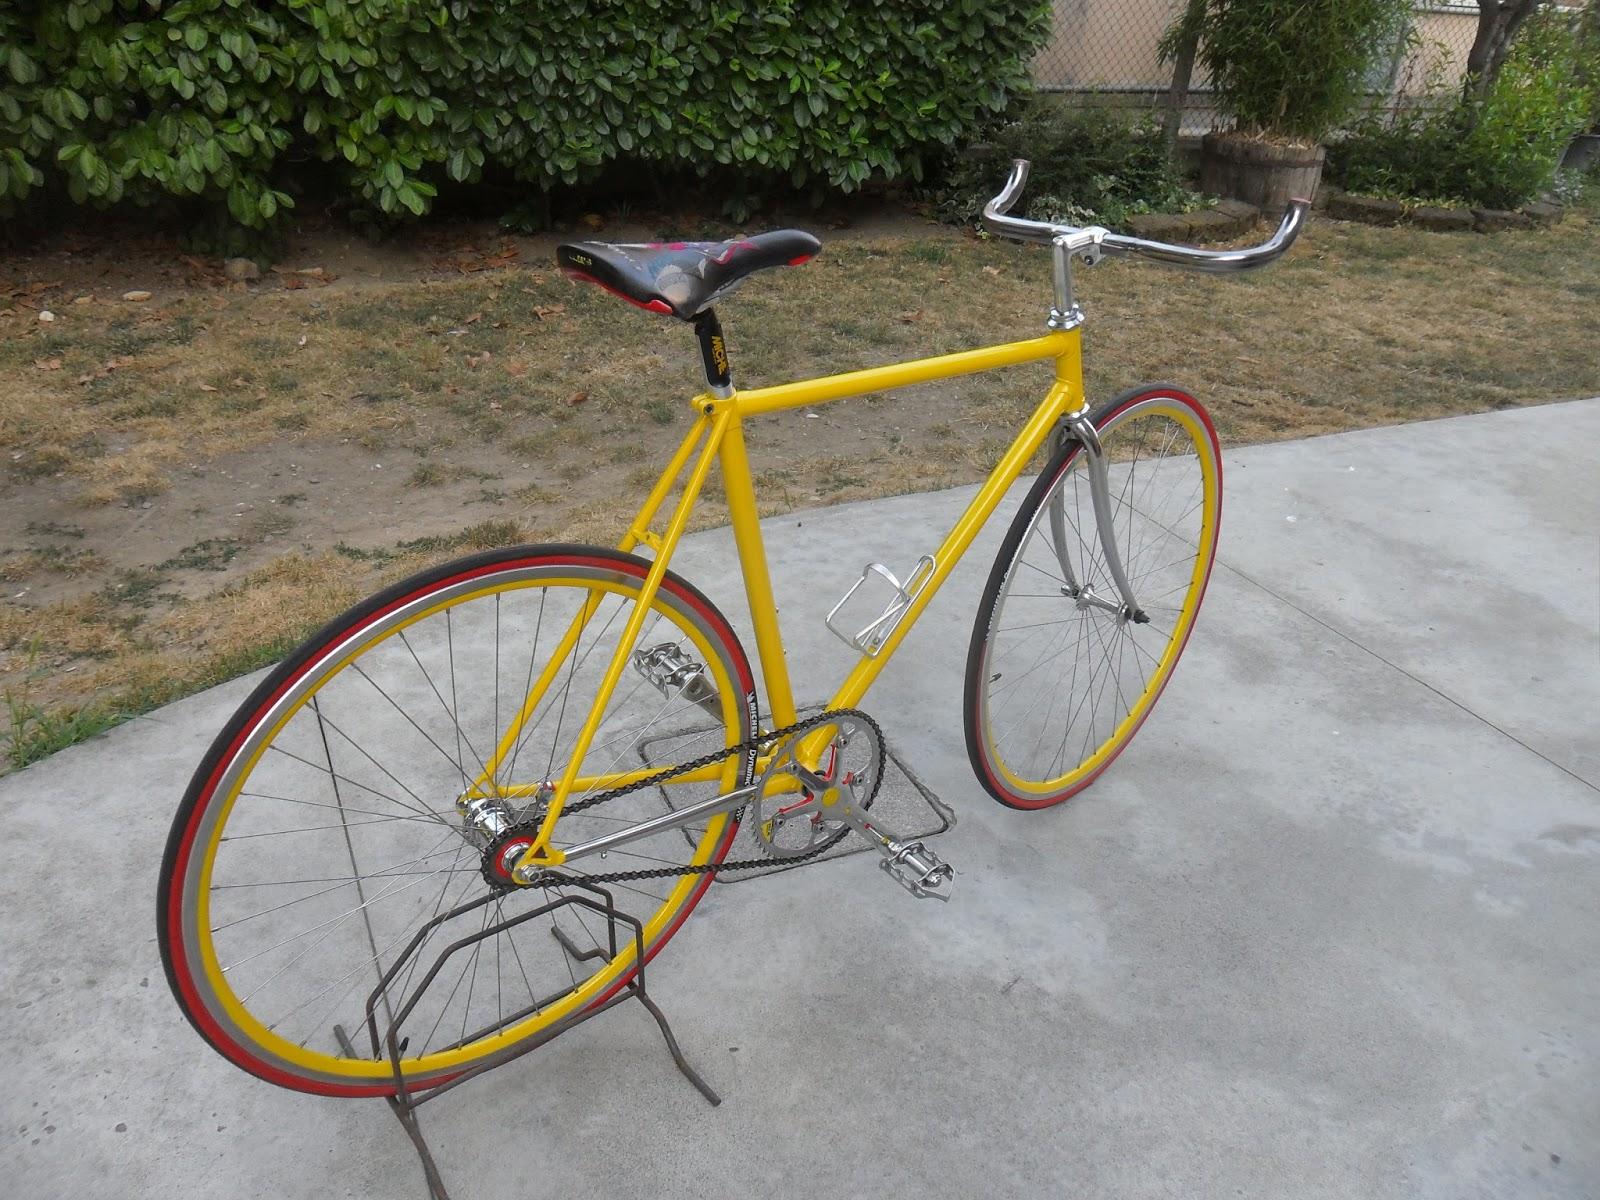 Biciclette Epoca By Vallo64 Luglio 2015